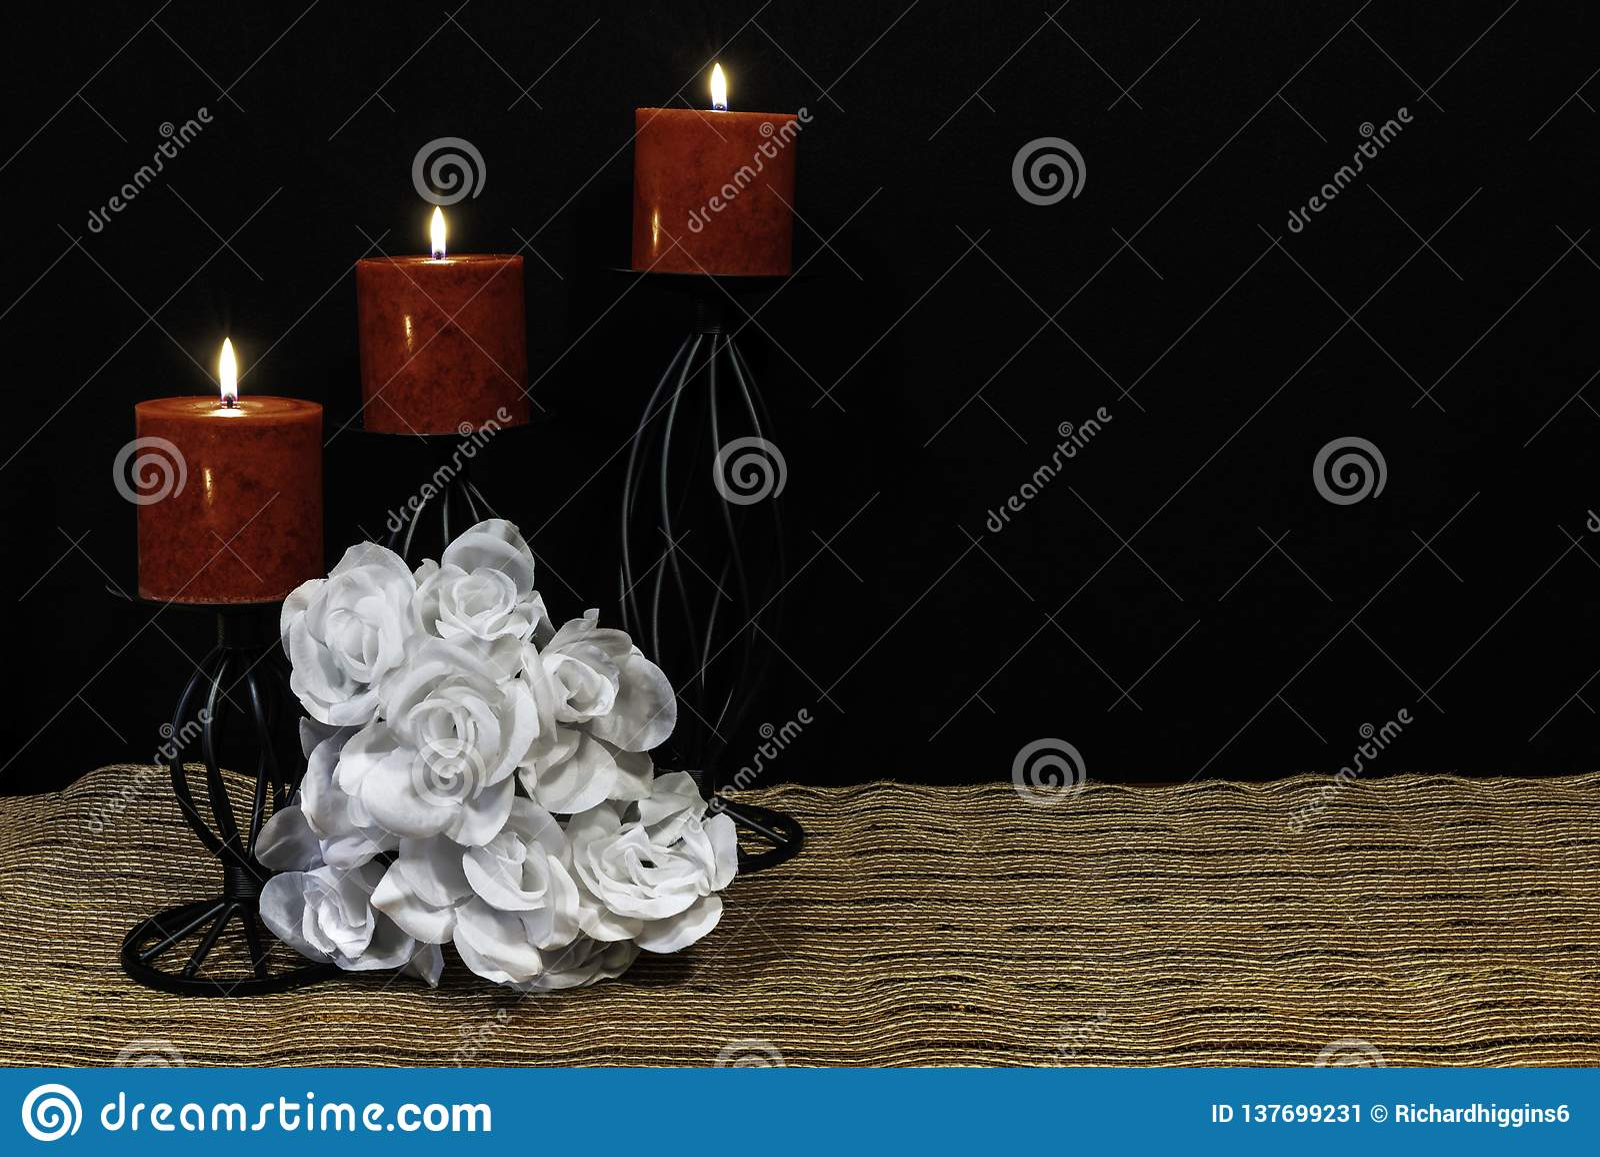 Bouquie hermoso de las rosas blancas, de las velas rojas encaramadas en candeleros negros en la estera de lugar de la malla y la